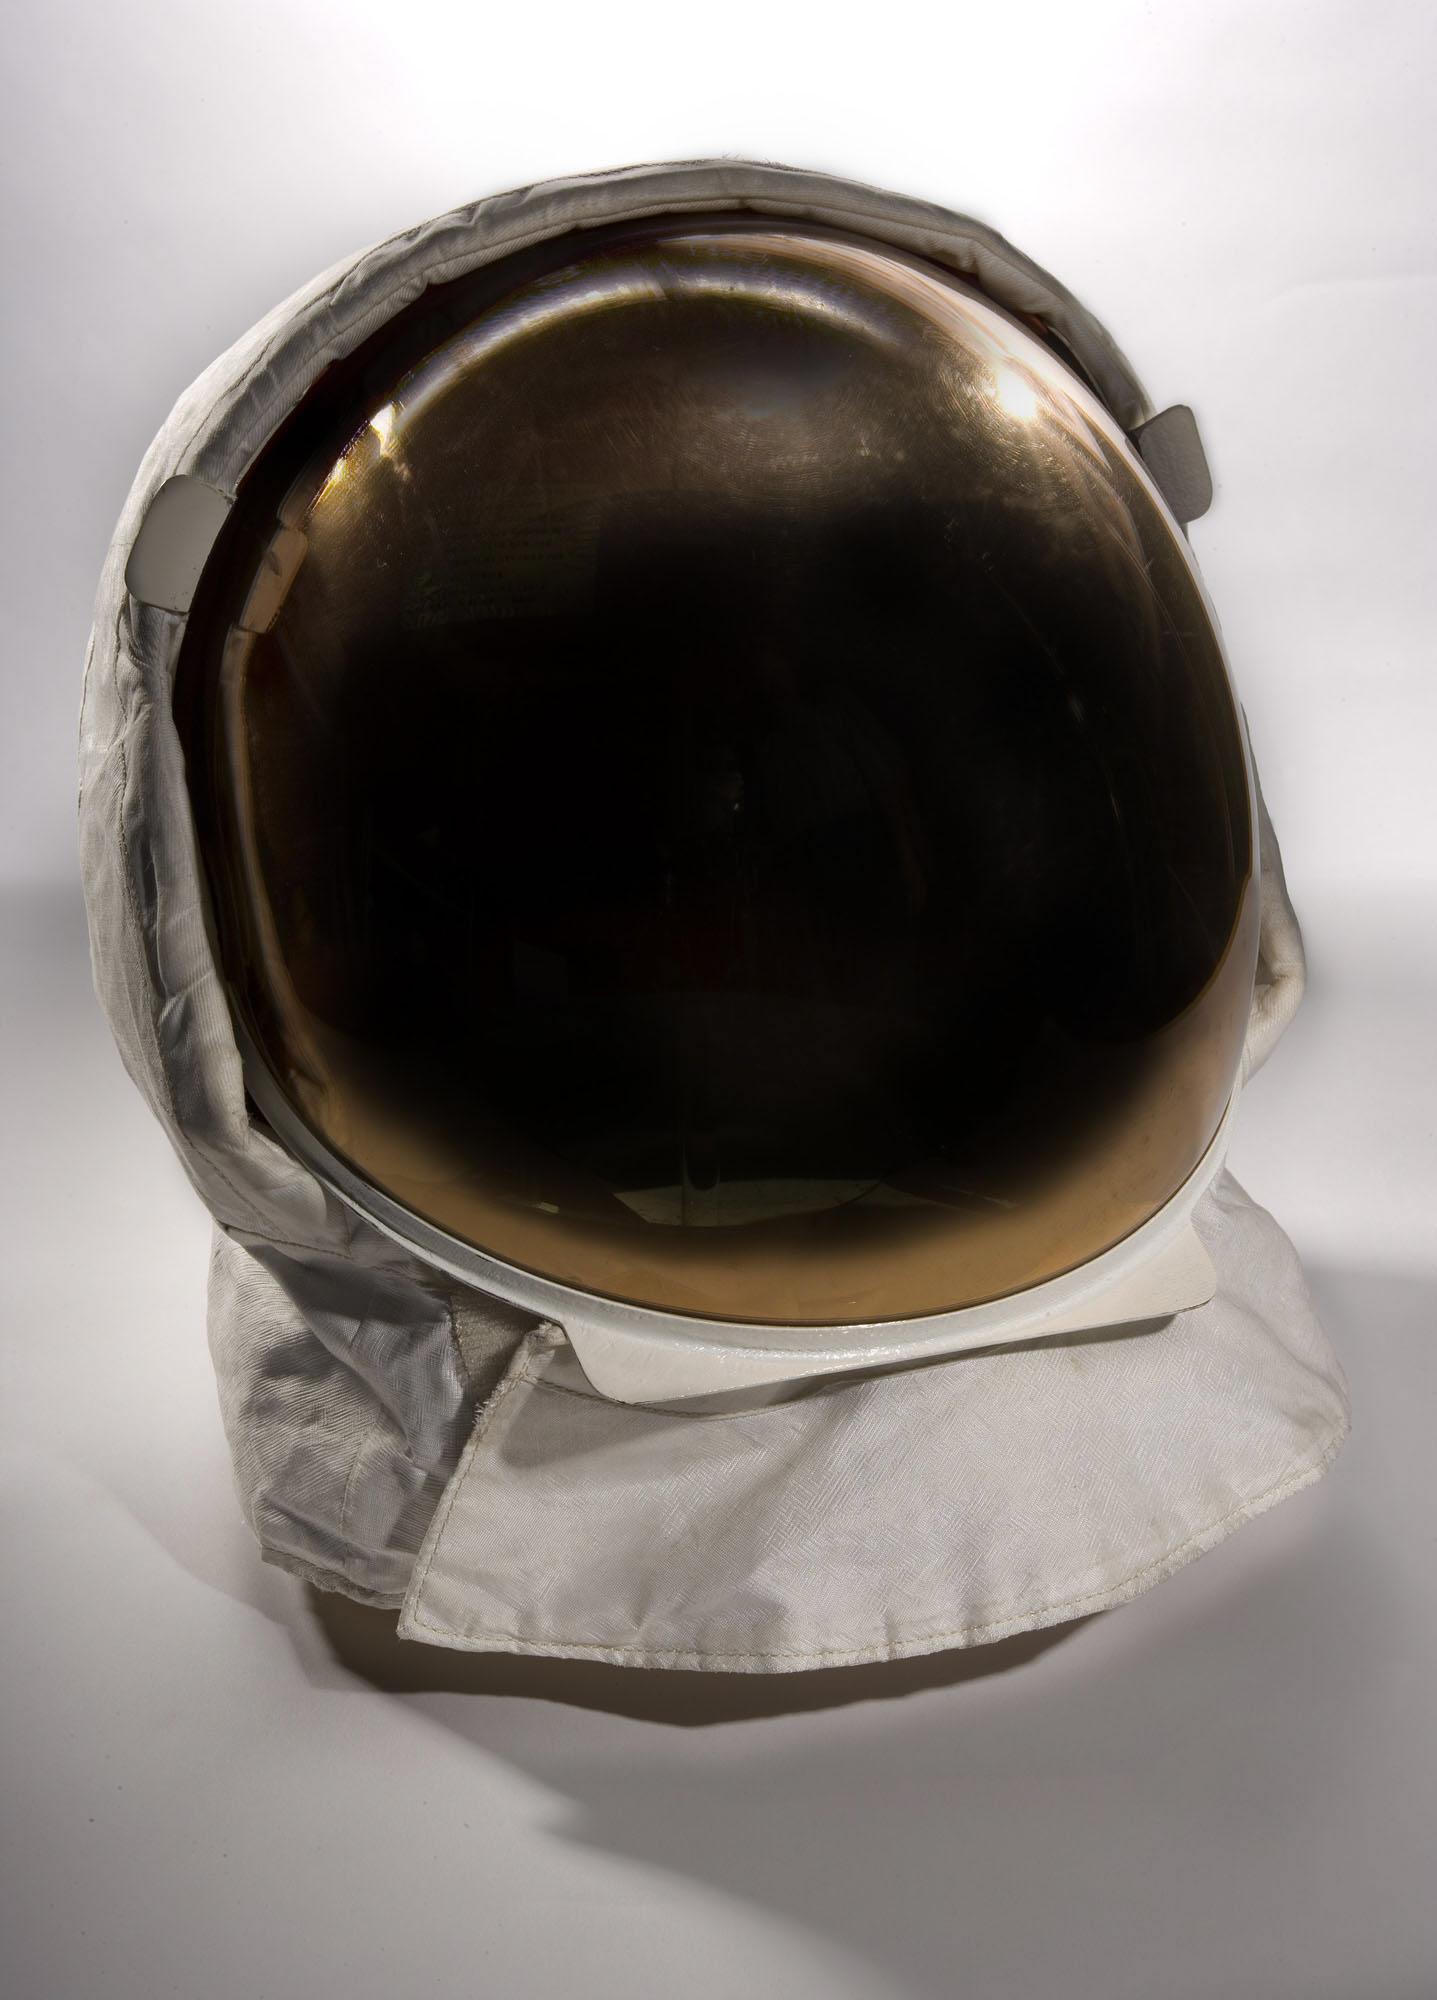 apollo 11 space helmet - photo #6